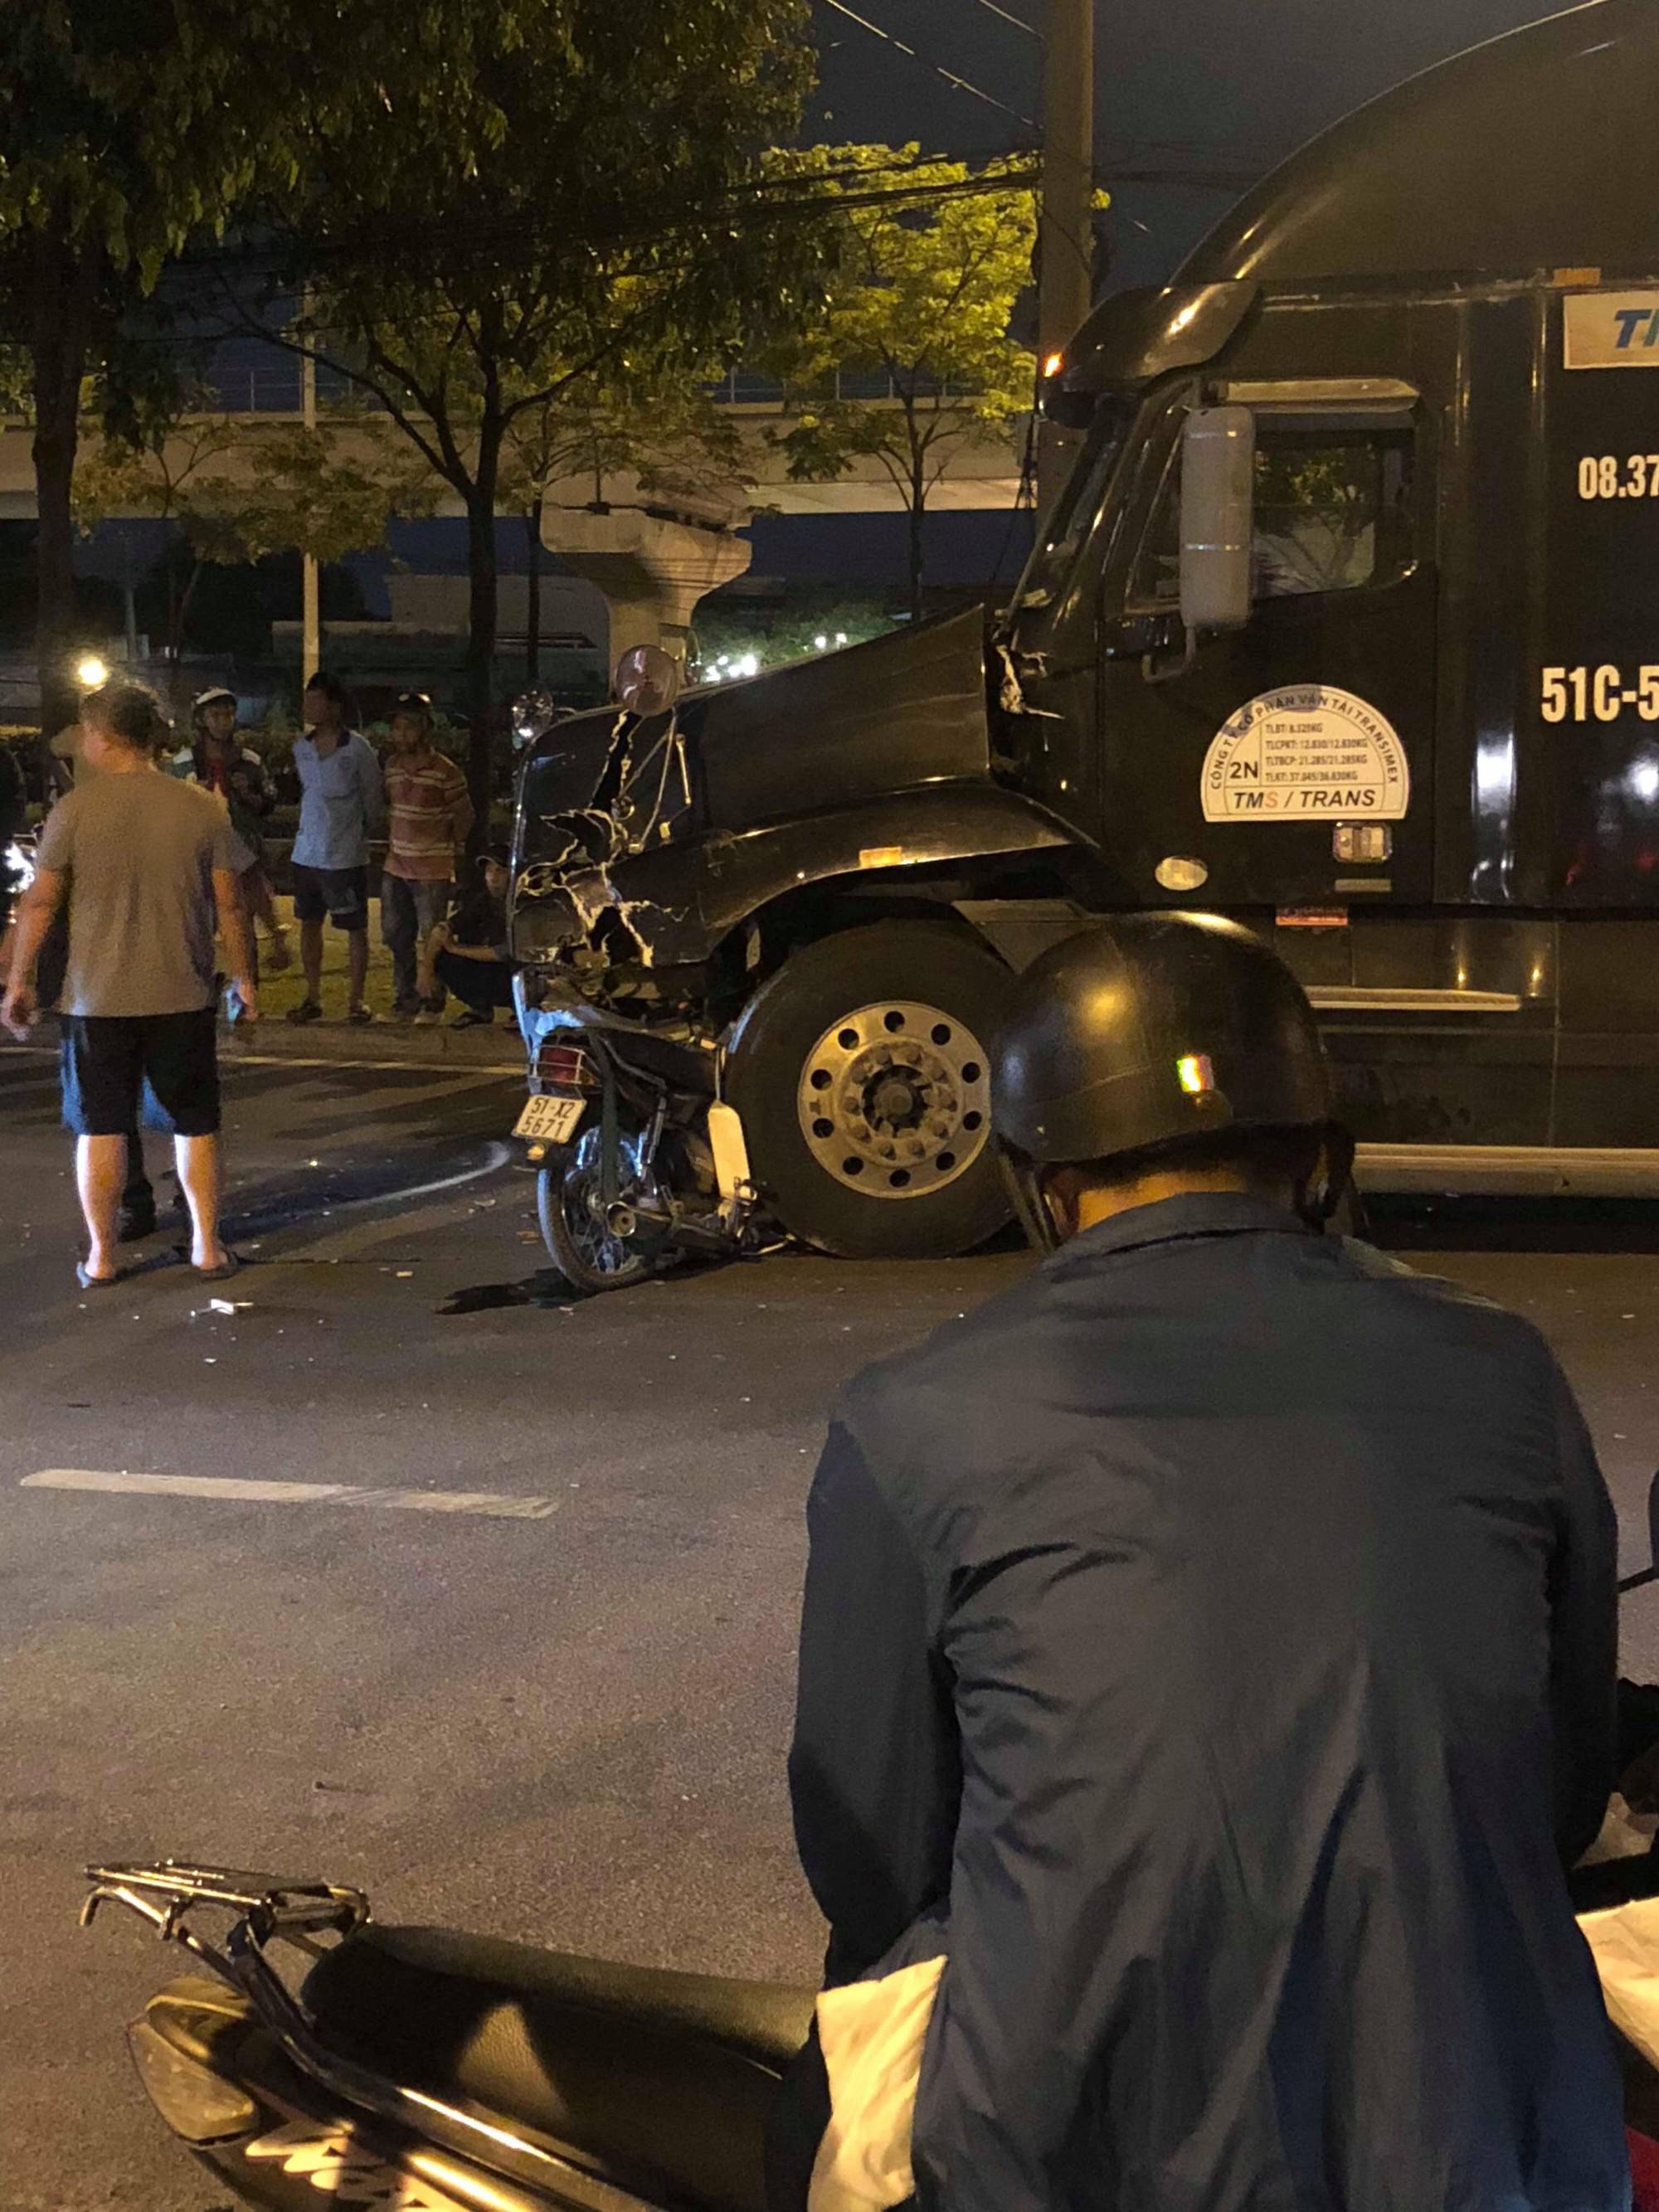 Xe máy đối đầu xe container ở Sài Gòn, người đàn ông tử vong - Ảnh 1.